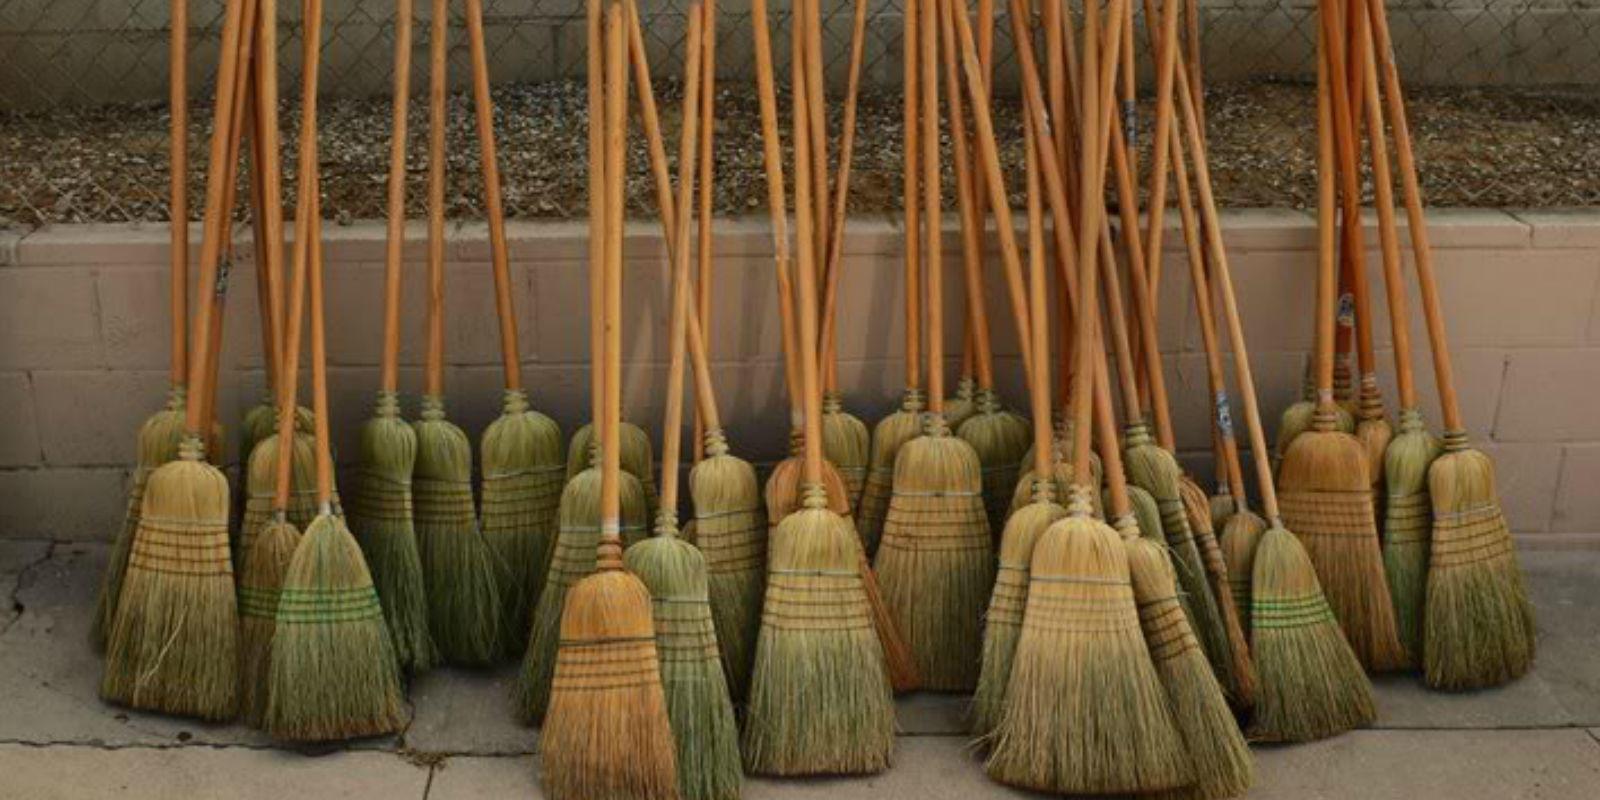 Norwegian Brooms